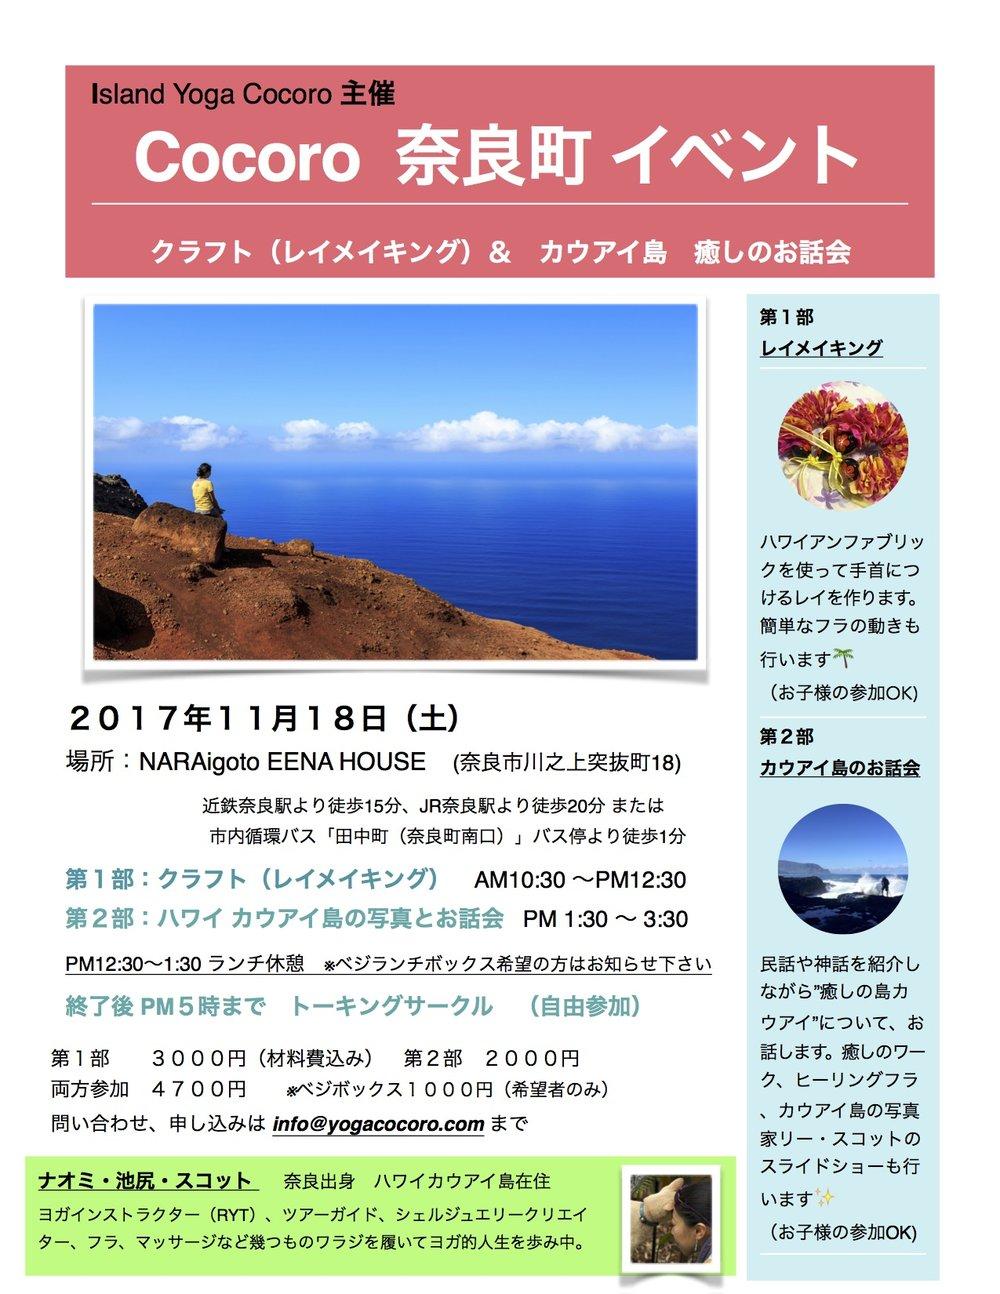 奈良町2017 cocoro event.jpg